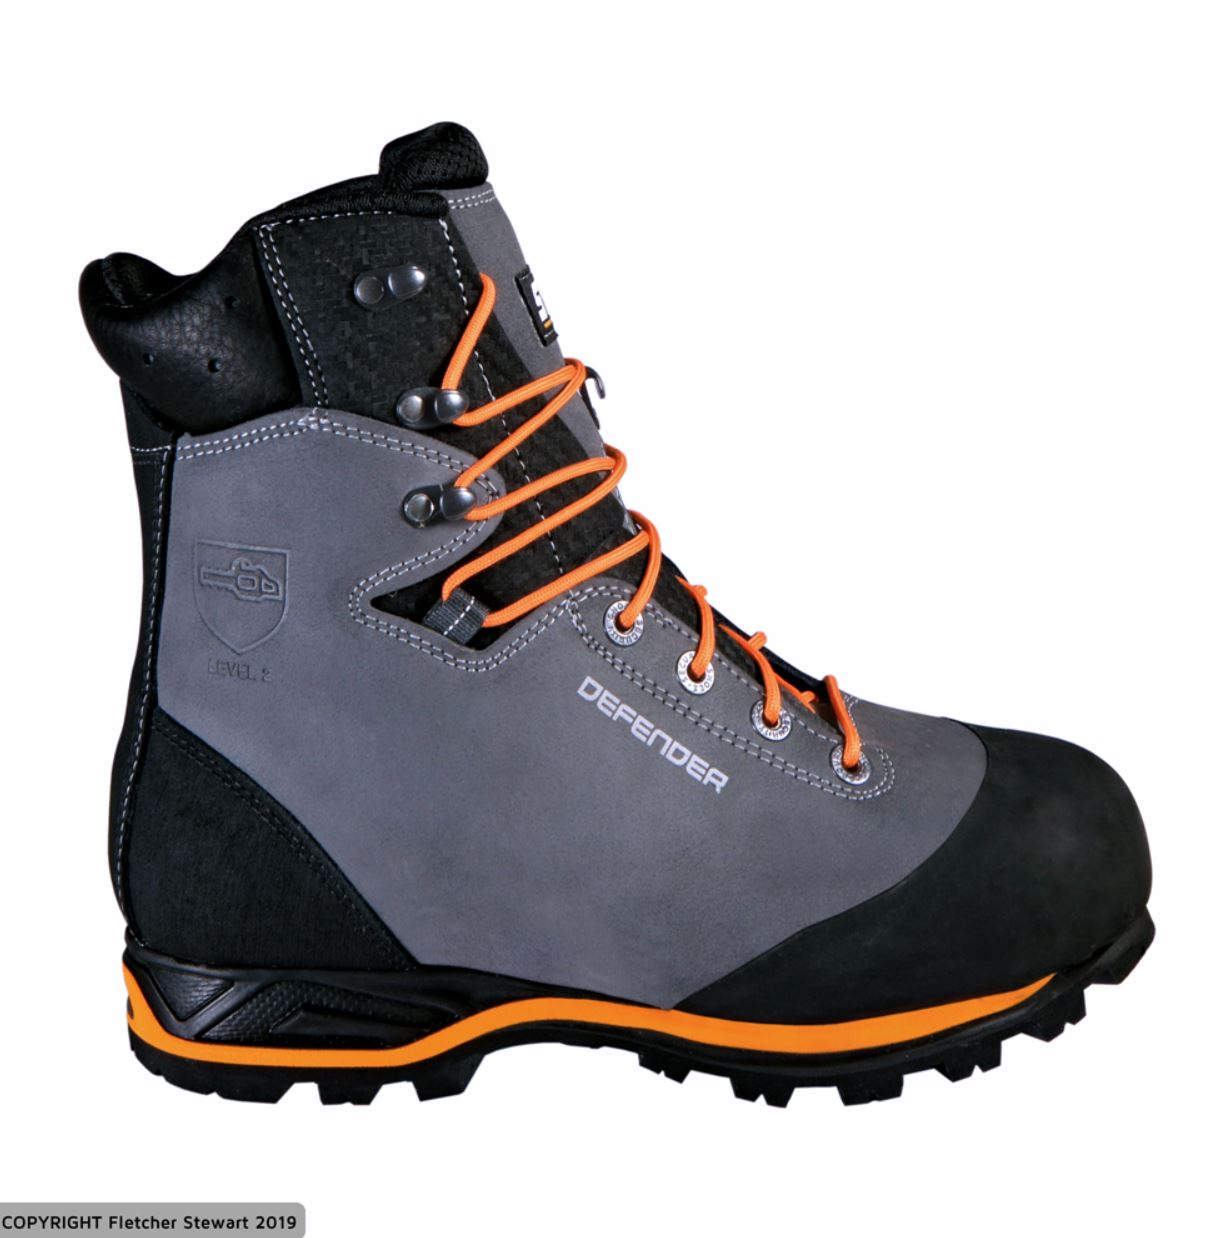 Stein Defender Chainsaw Boots